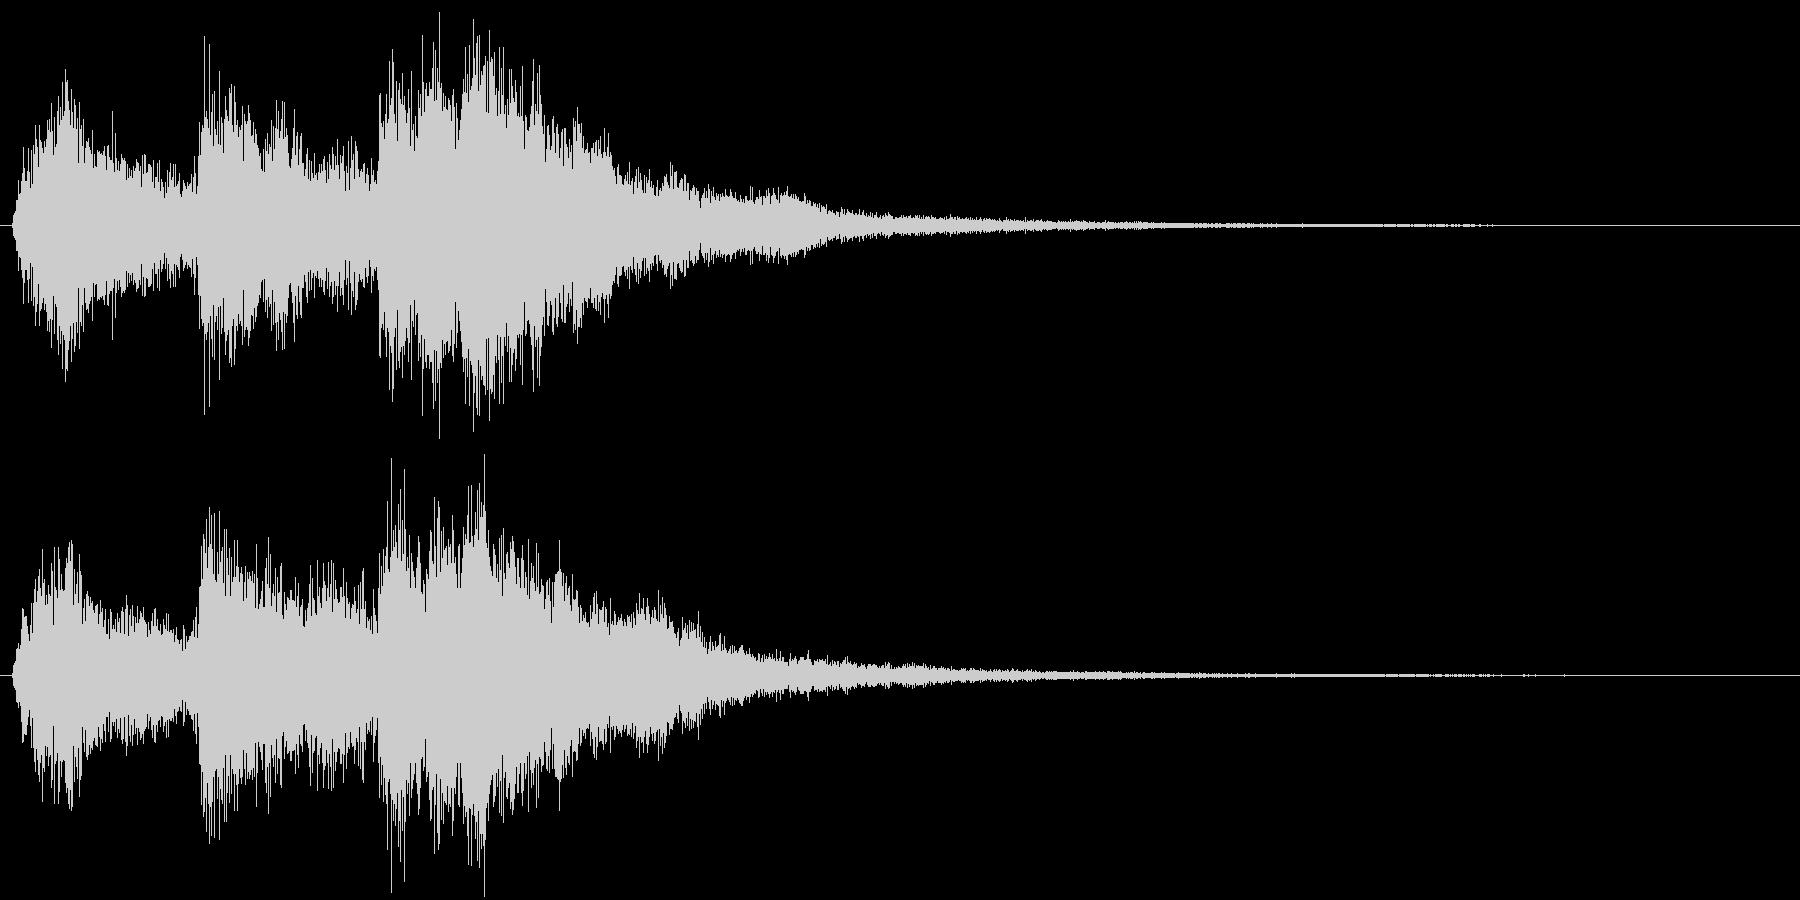 宝箱発見やLvUpをイメージした効果音の未再生の波形